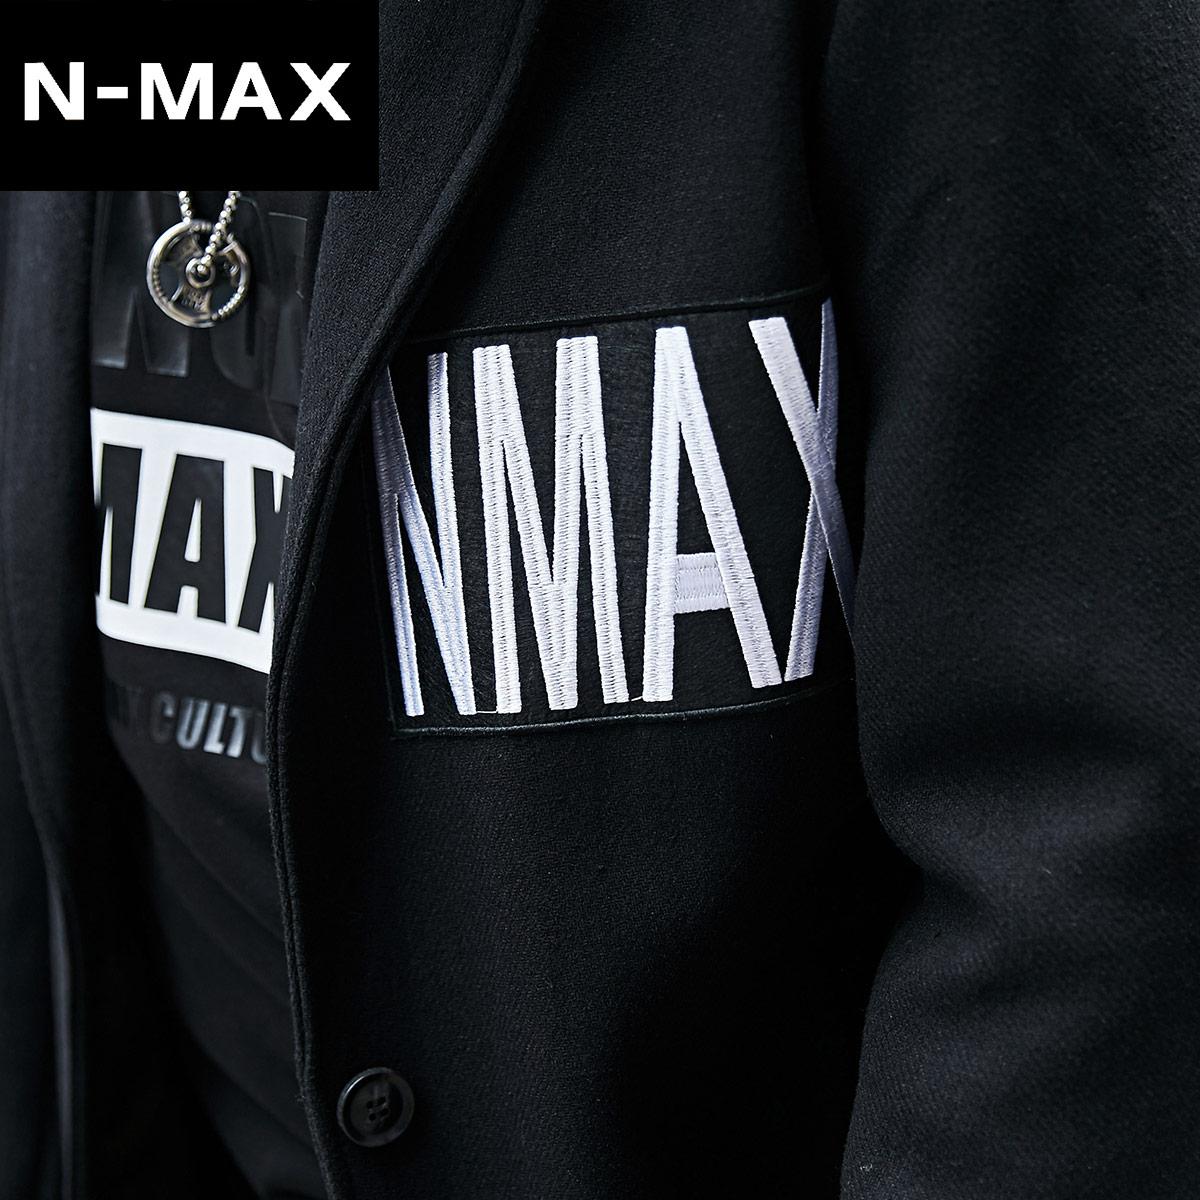 NMAX大码男装潮牌 胖子宽松时尚翻领外套加肥加大中长毛呢大衣